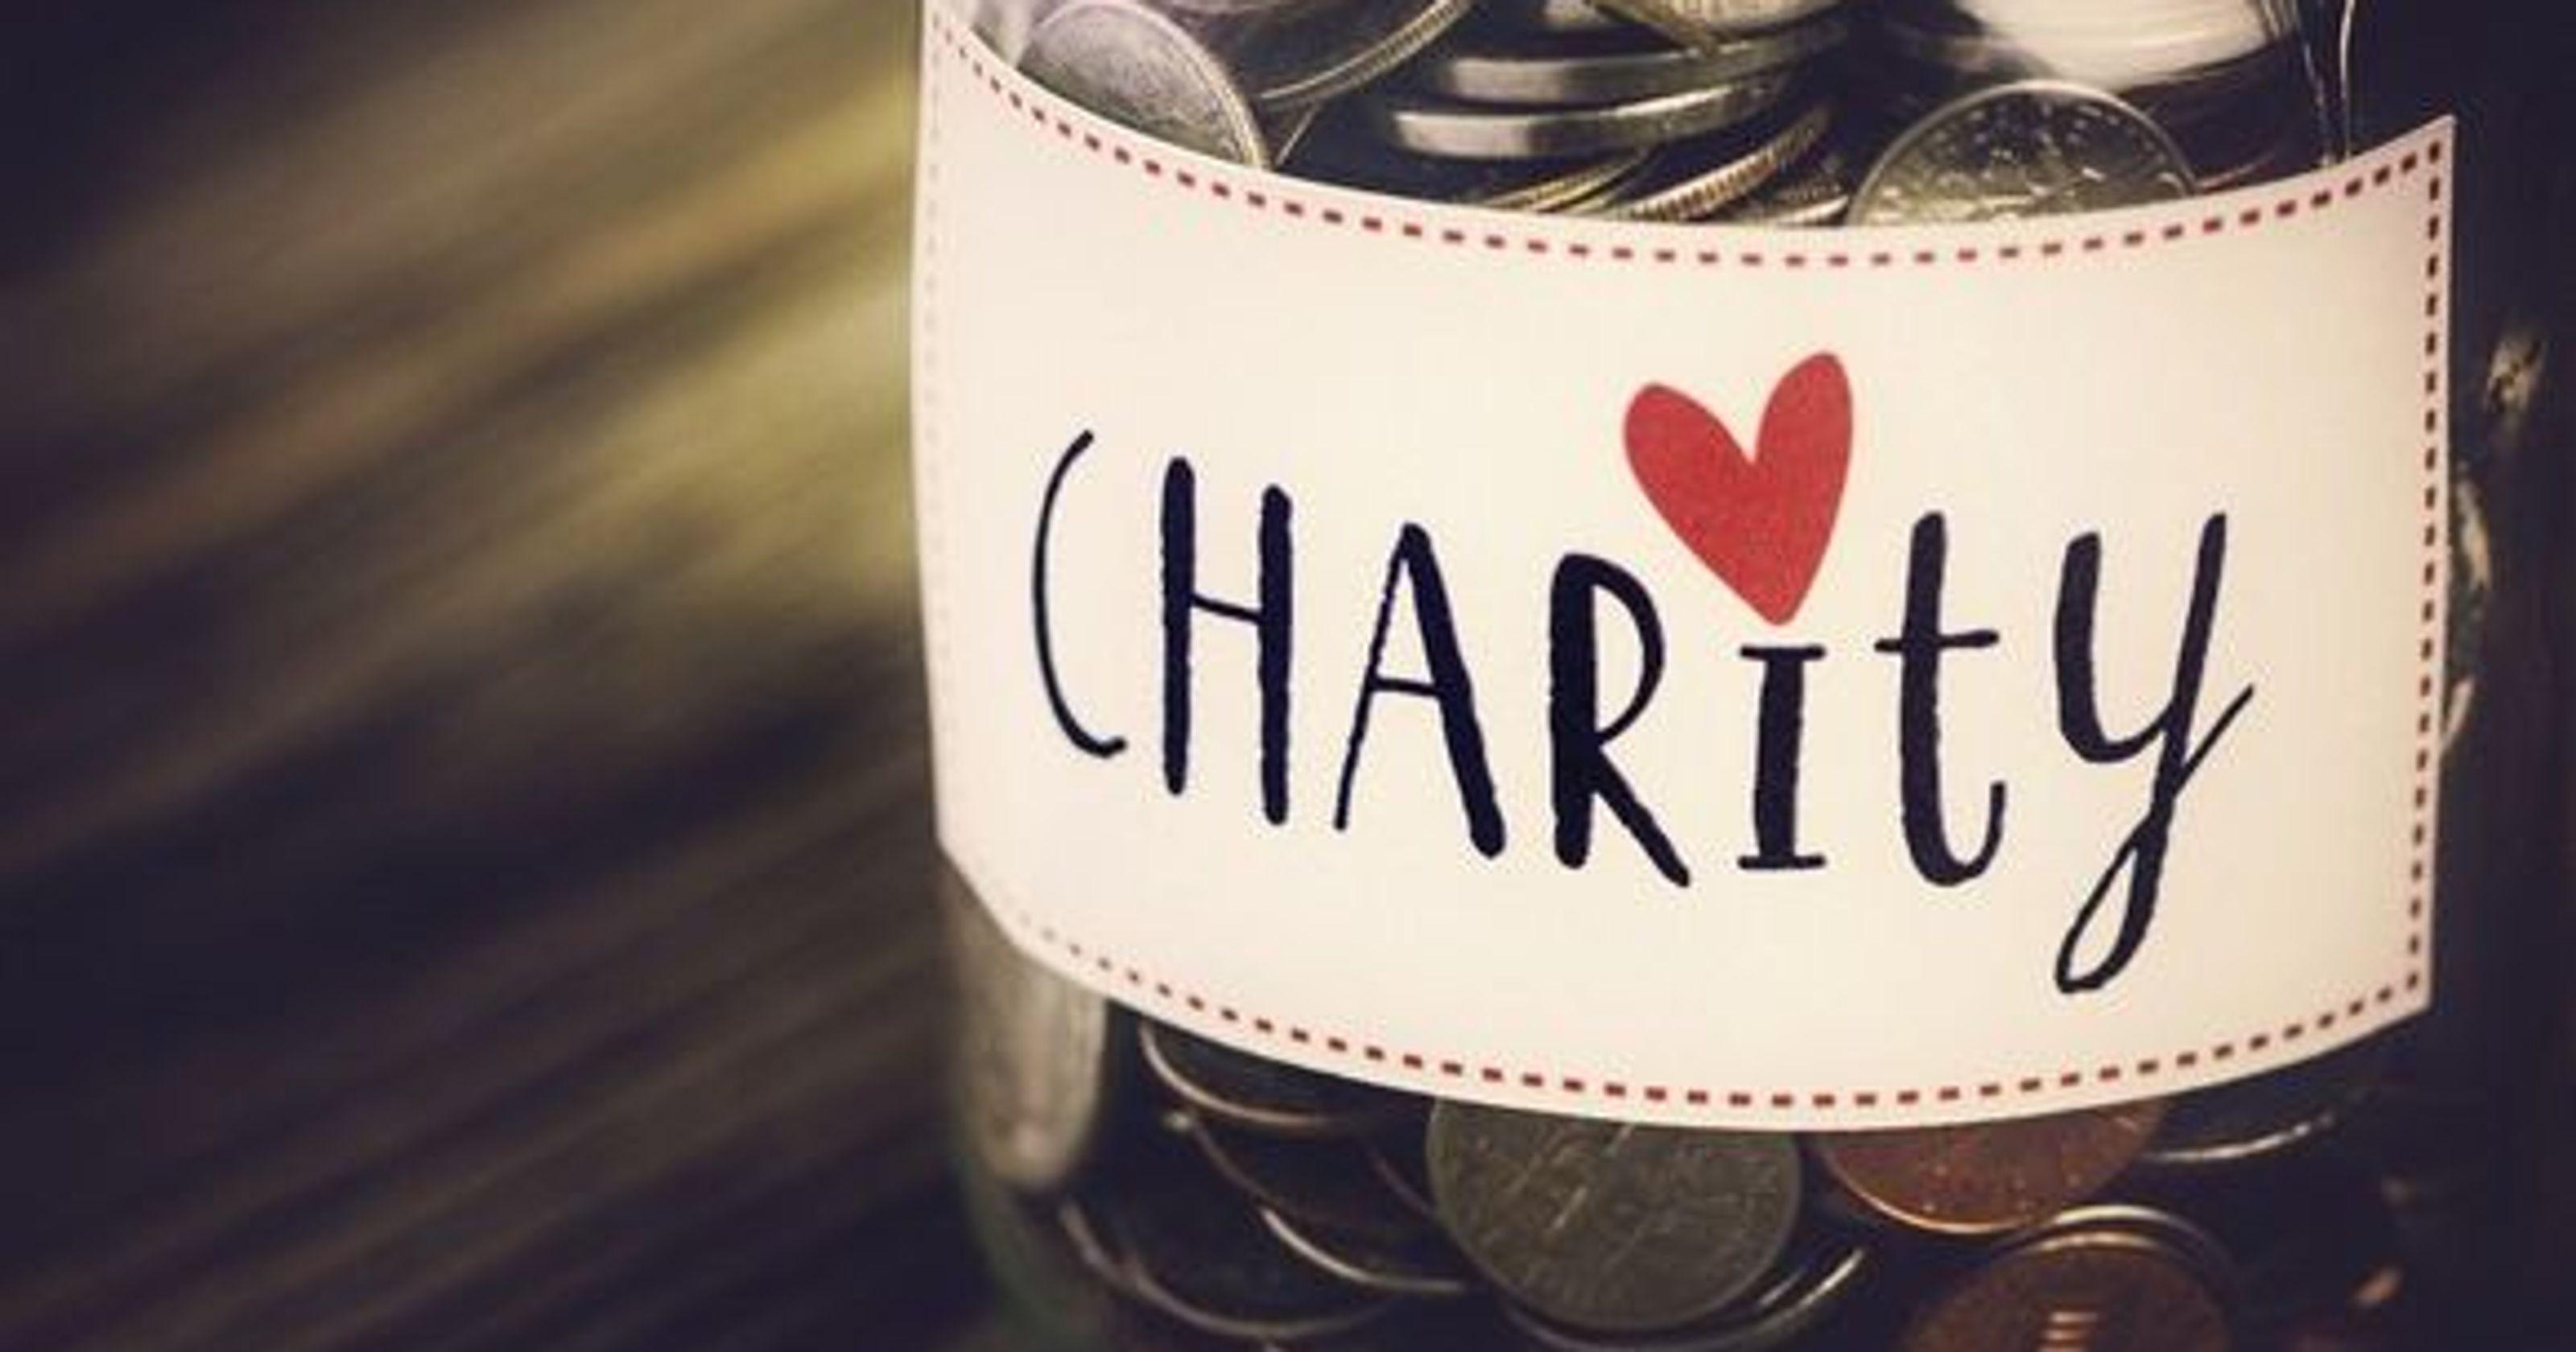 charity photo